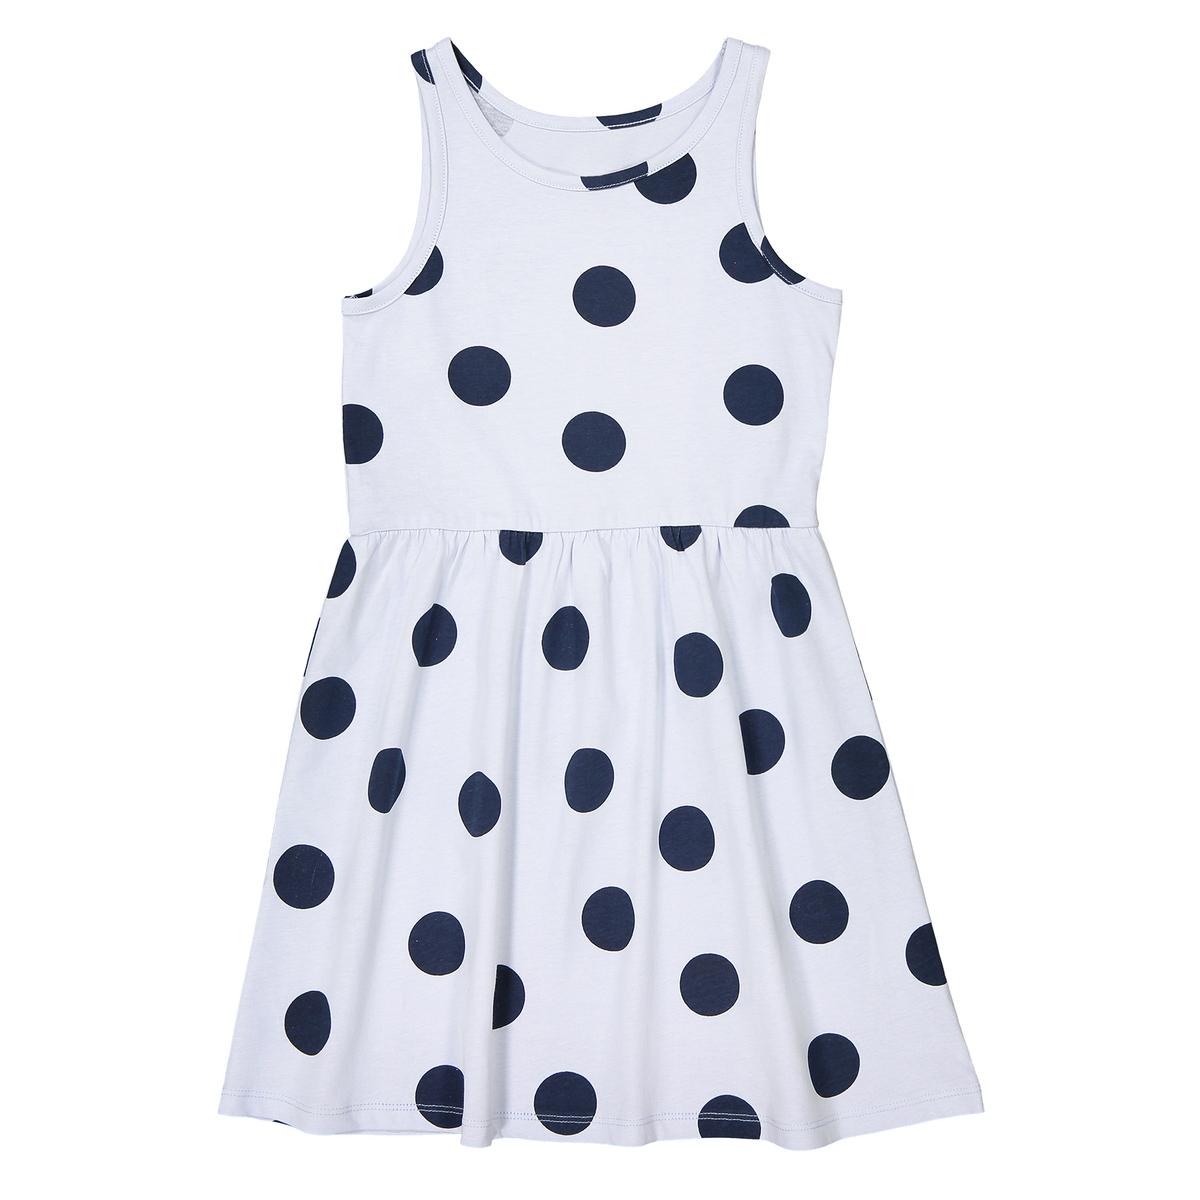 Платье без рукавов в горошек 3-12 лет